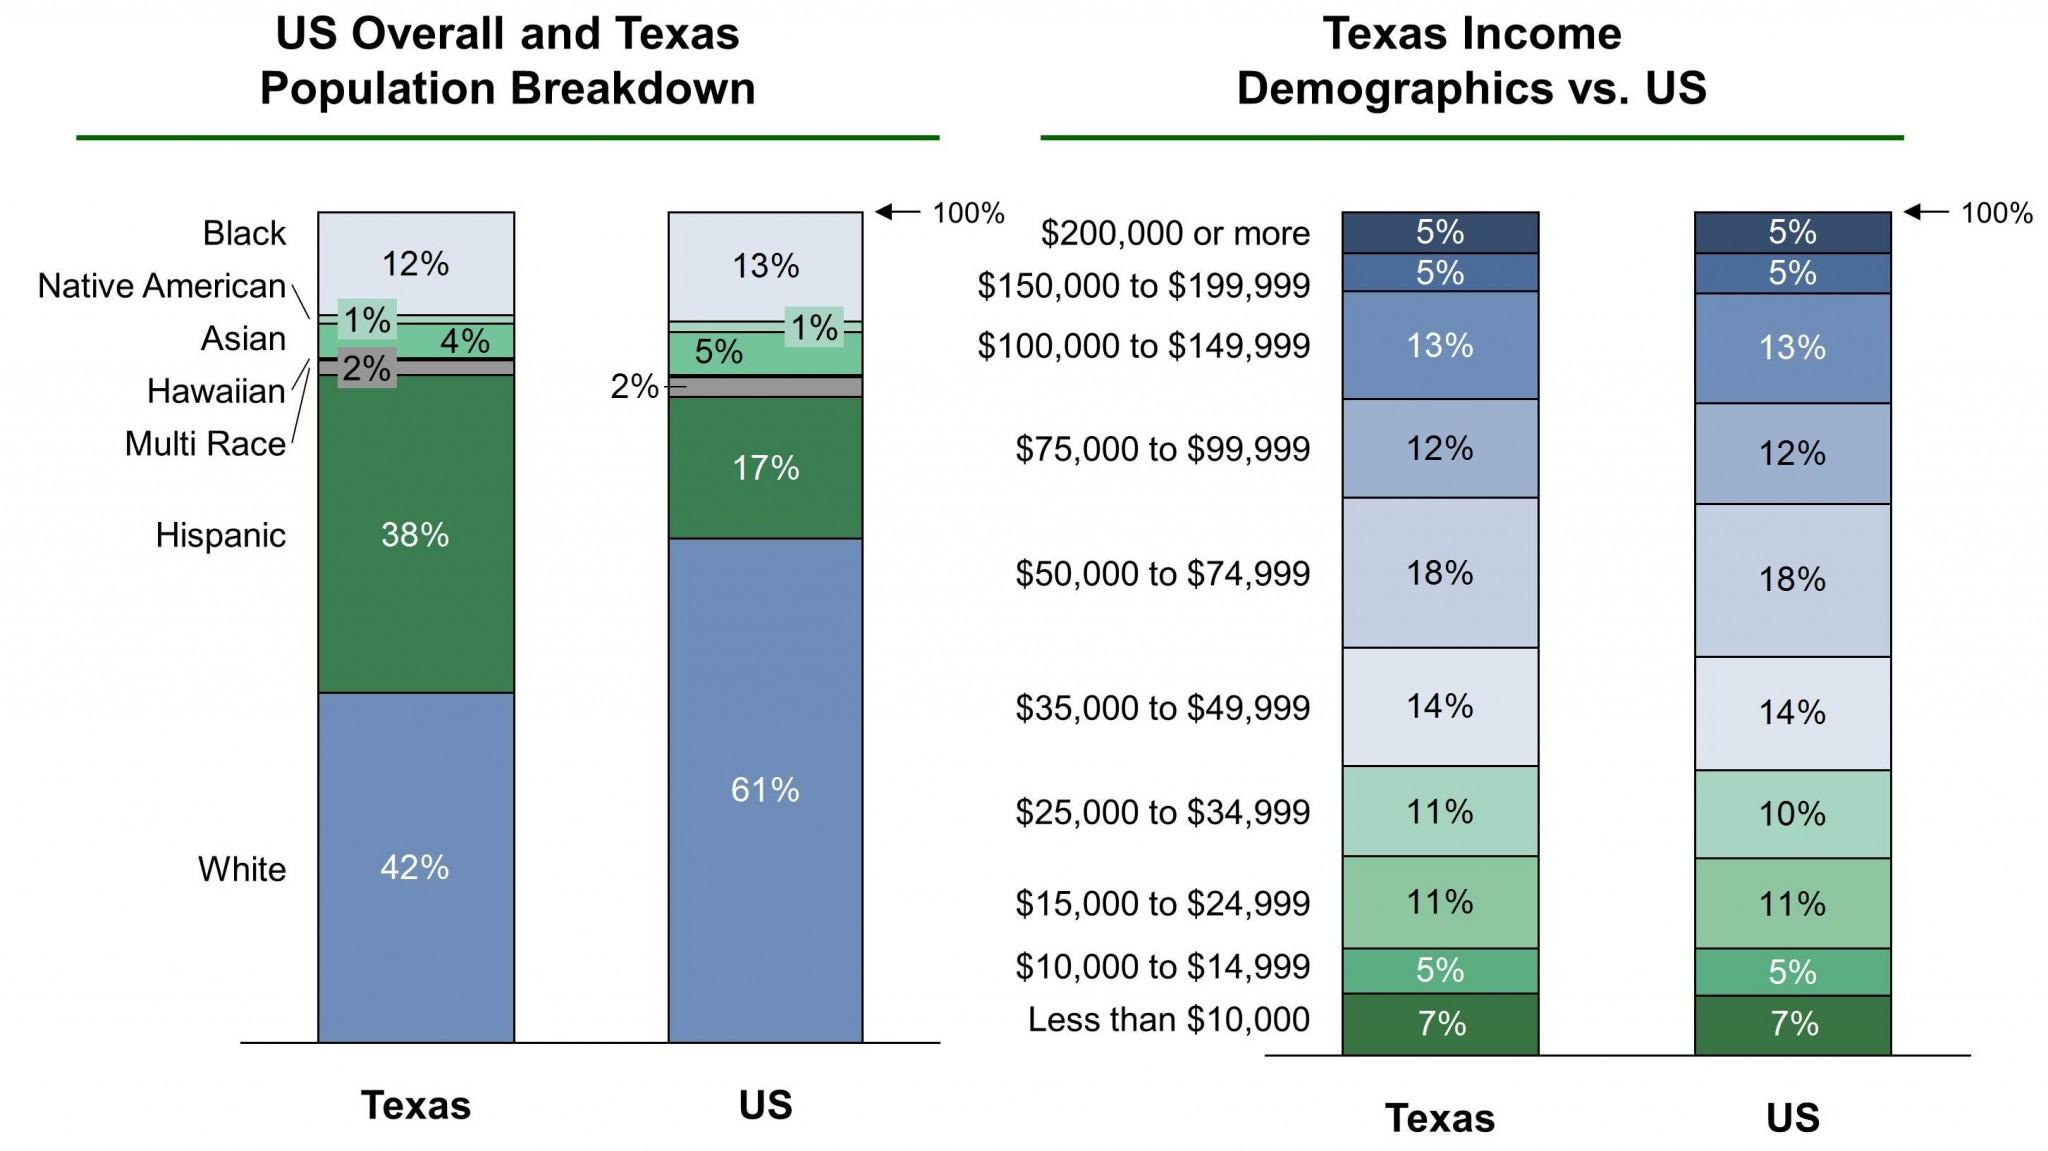 Texas EB-5 Regional Center Demographics VF